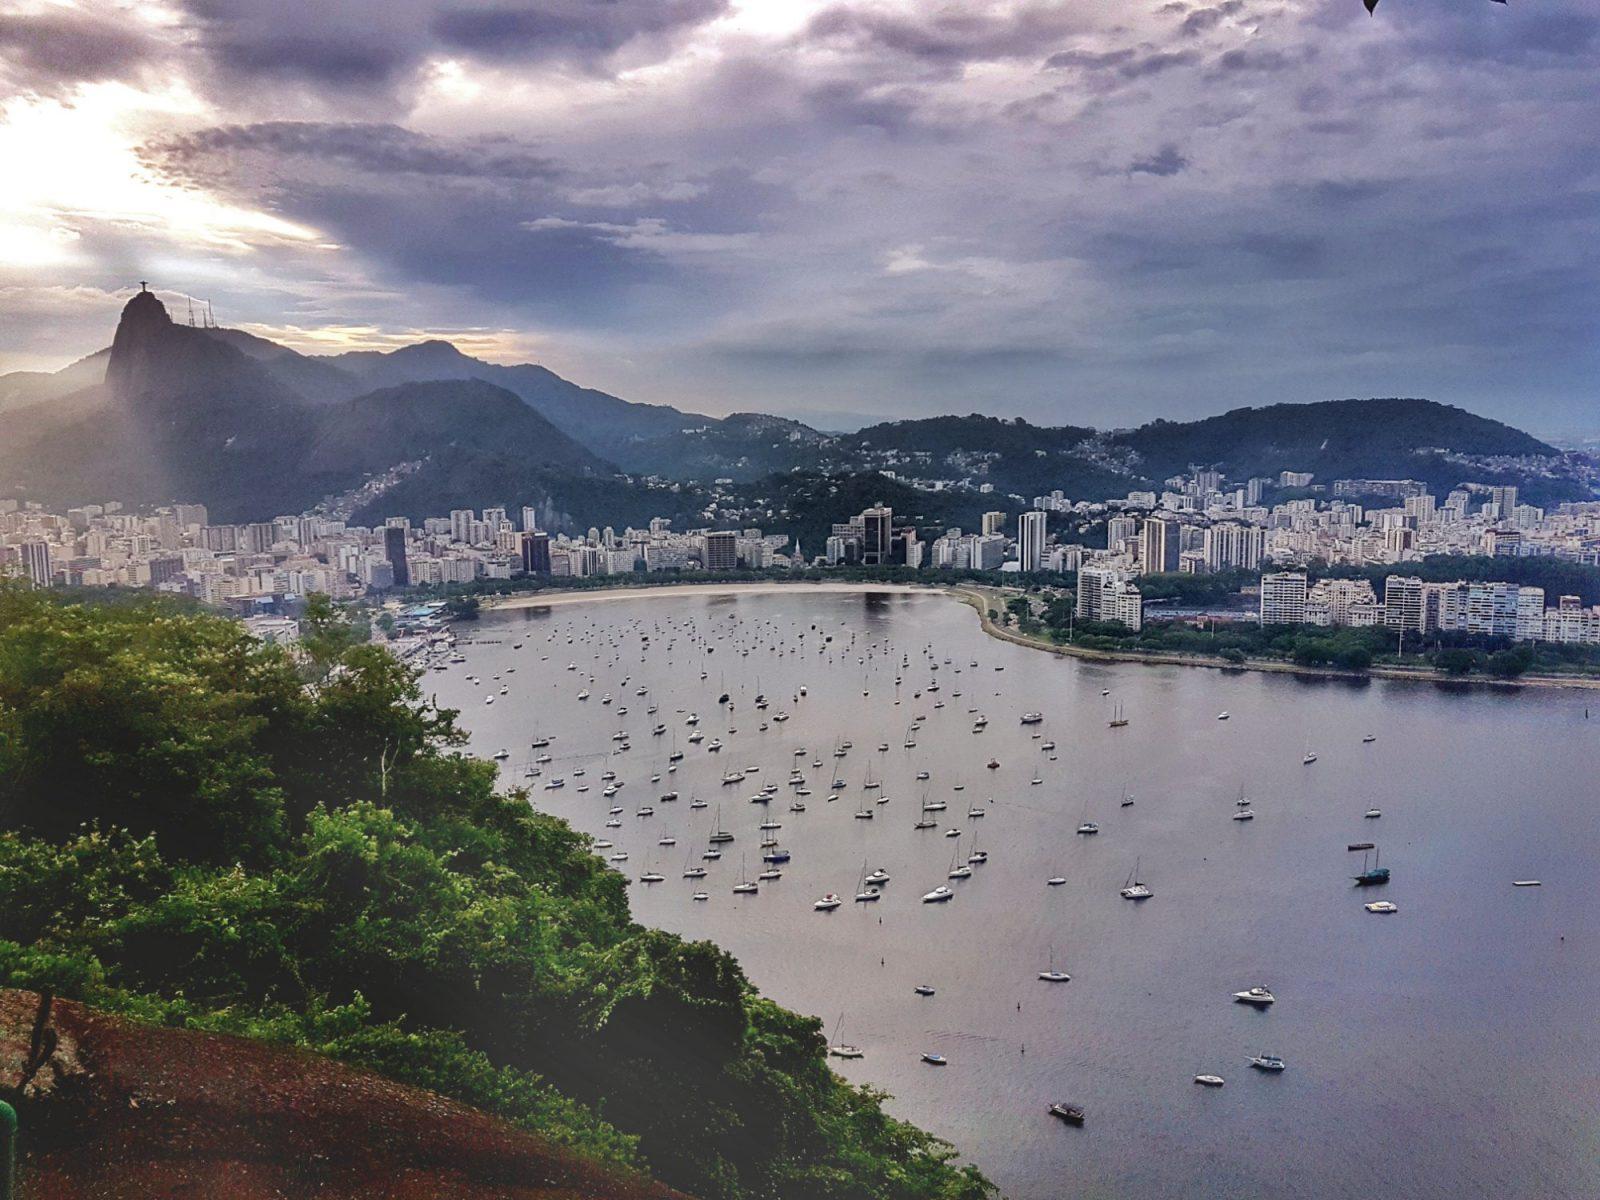 """<img src=""""data:image/gif;base64,R0lGODdhAQABAPAAAP///wAAACwAAAAAAQABAEACAkQBADs="""" data-lazy-src=""""images/"""" width=""""800"""" height=""""600"""" alt=""""rio de jainero - 20180221 173115 01225667546 - Brazil: Running Rampant in Rio de Jainero"""">"""